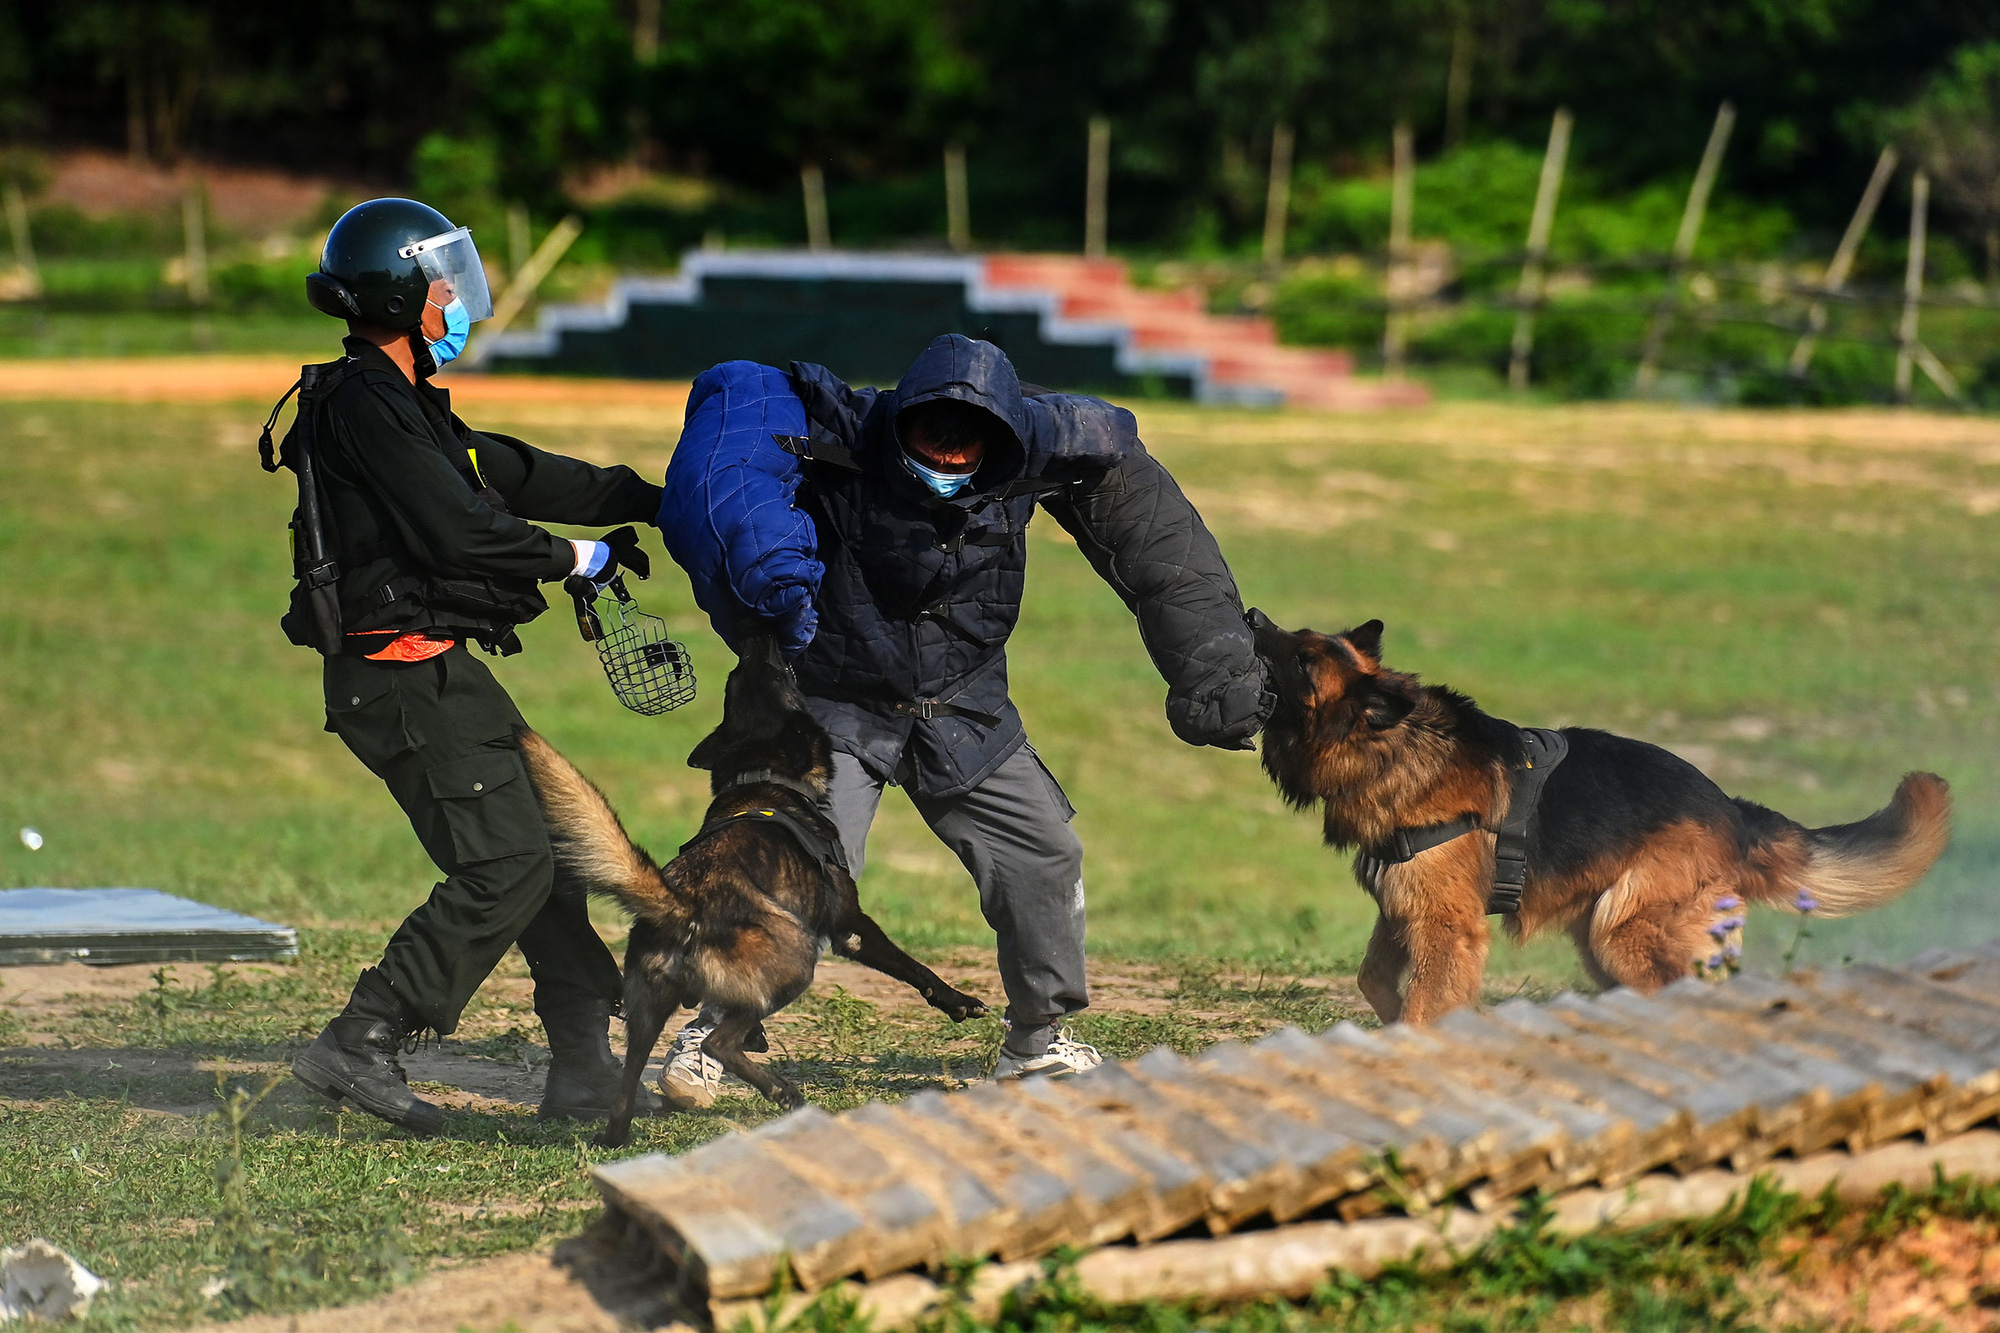 Mãn nhãn với màn biểu diễn võ thuật, nổ súng truy bắt tội phạm của Cảnh sát cơ động cùng những chiến binh đặc biệt - Ảnh 12.